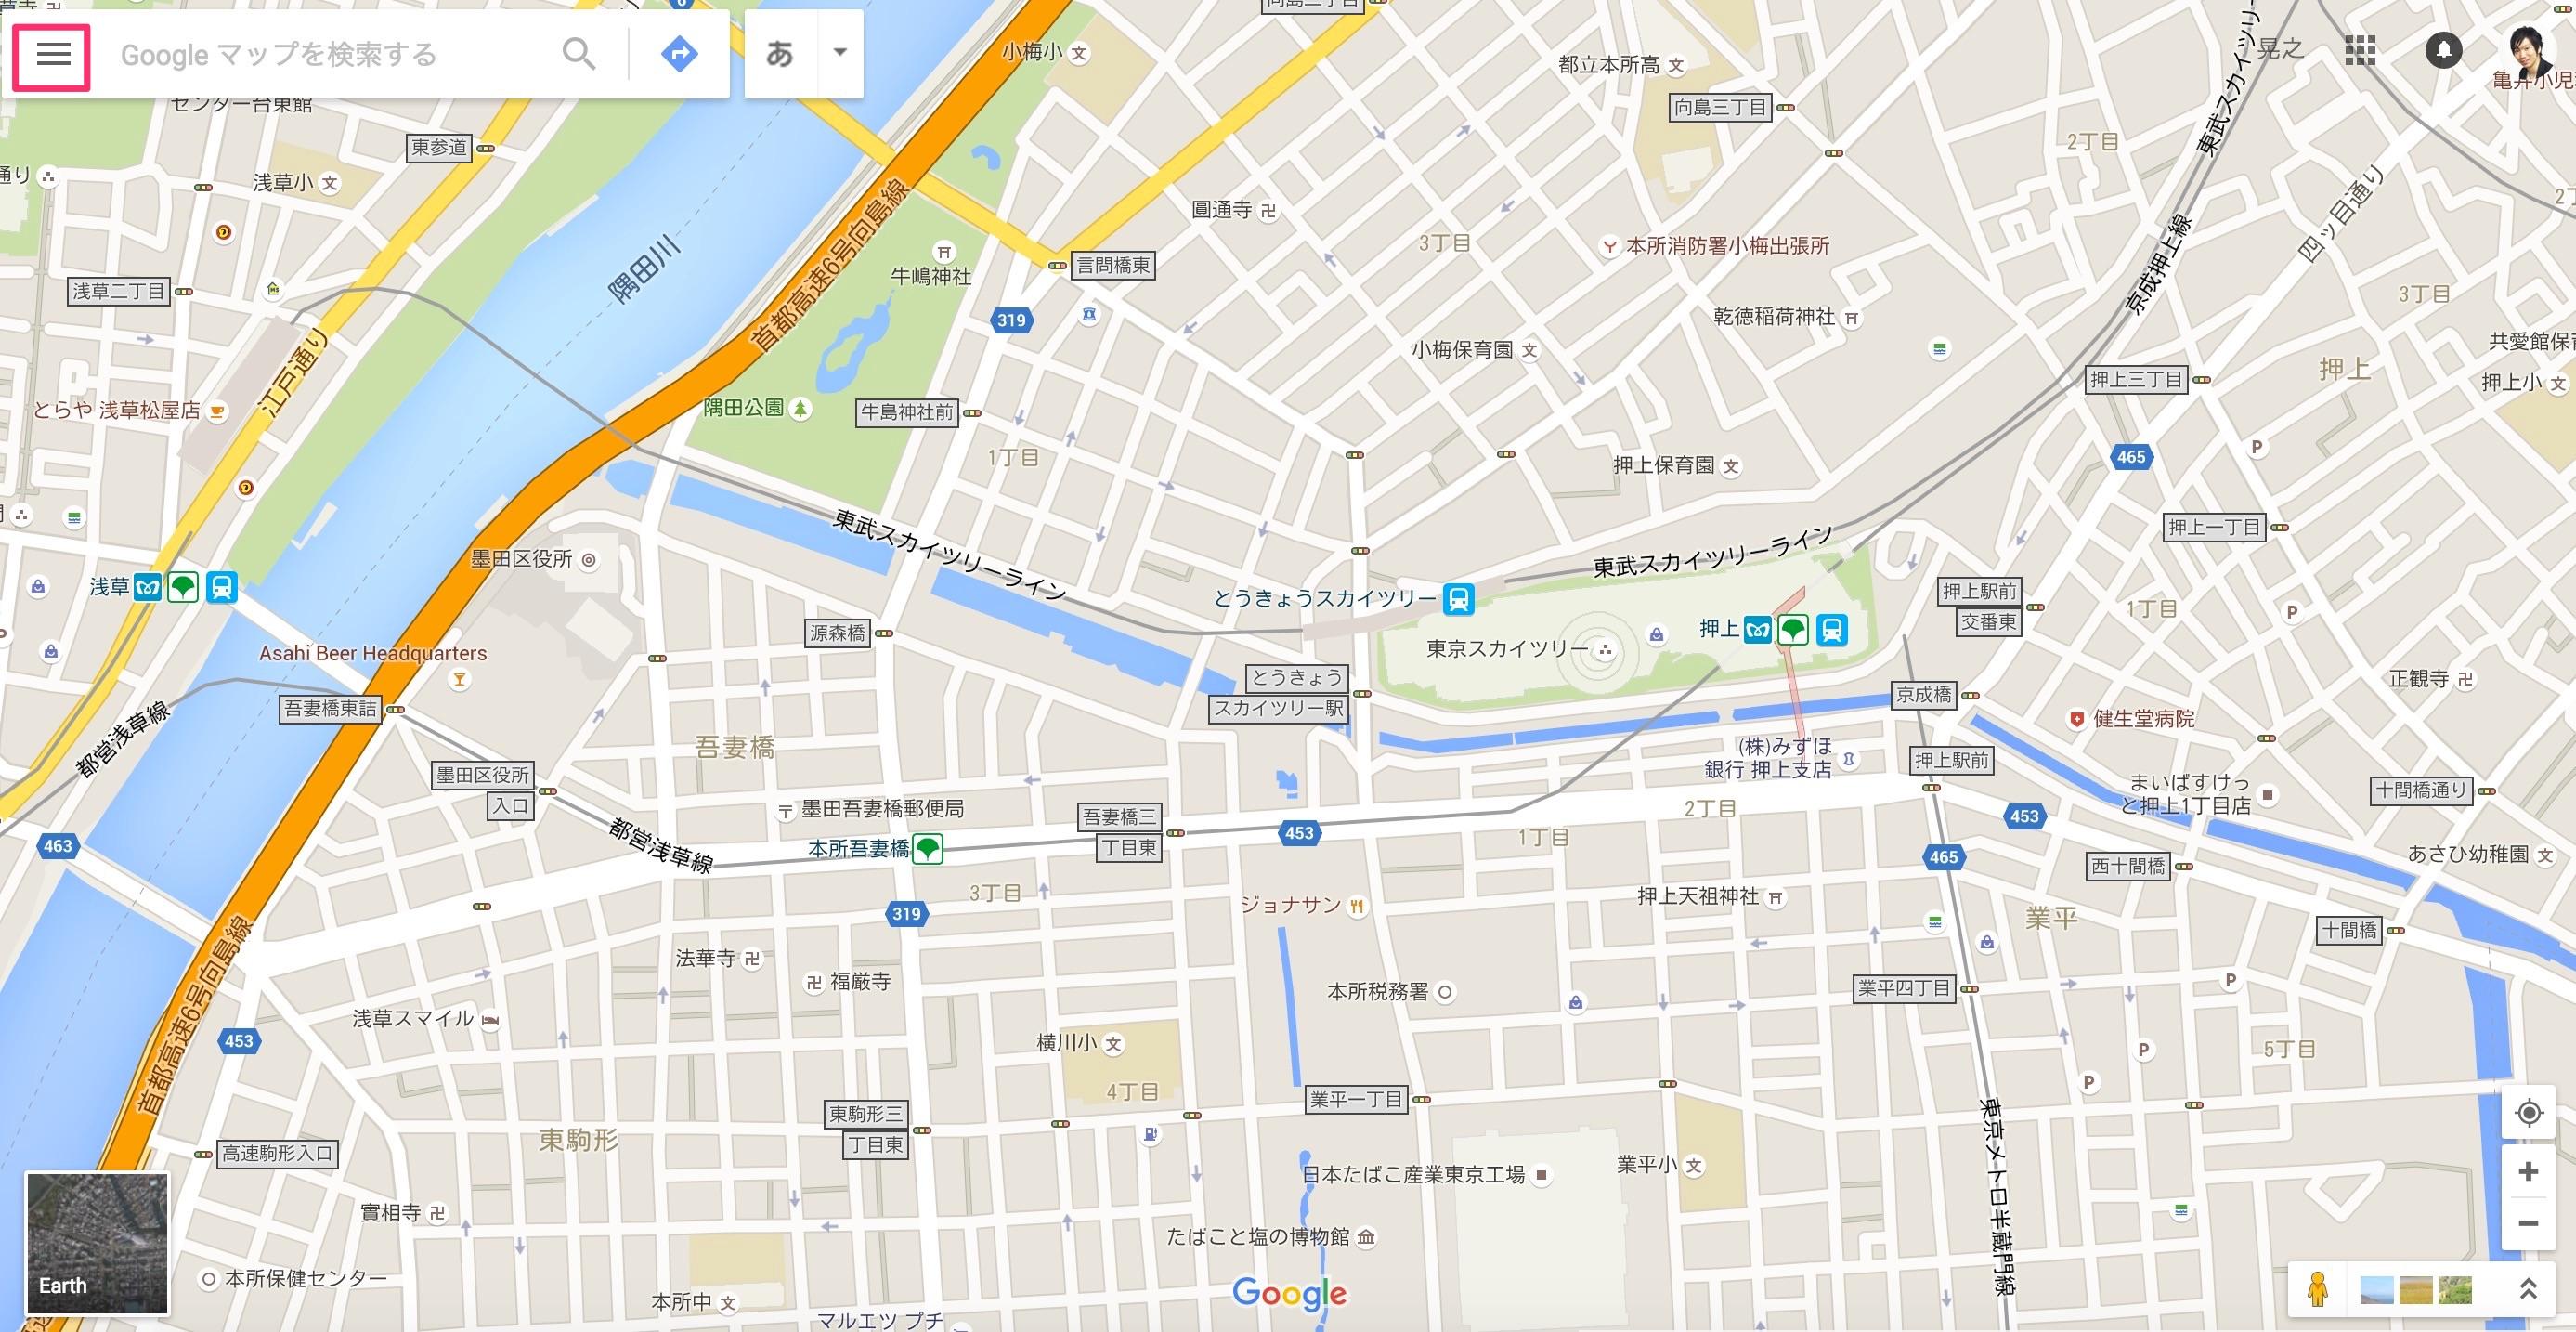 googlemapのマイプレイスの使い方